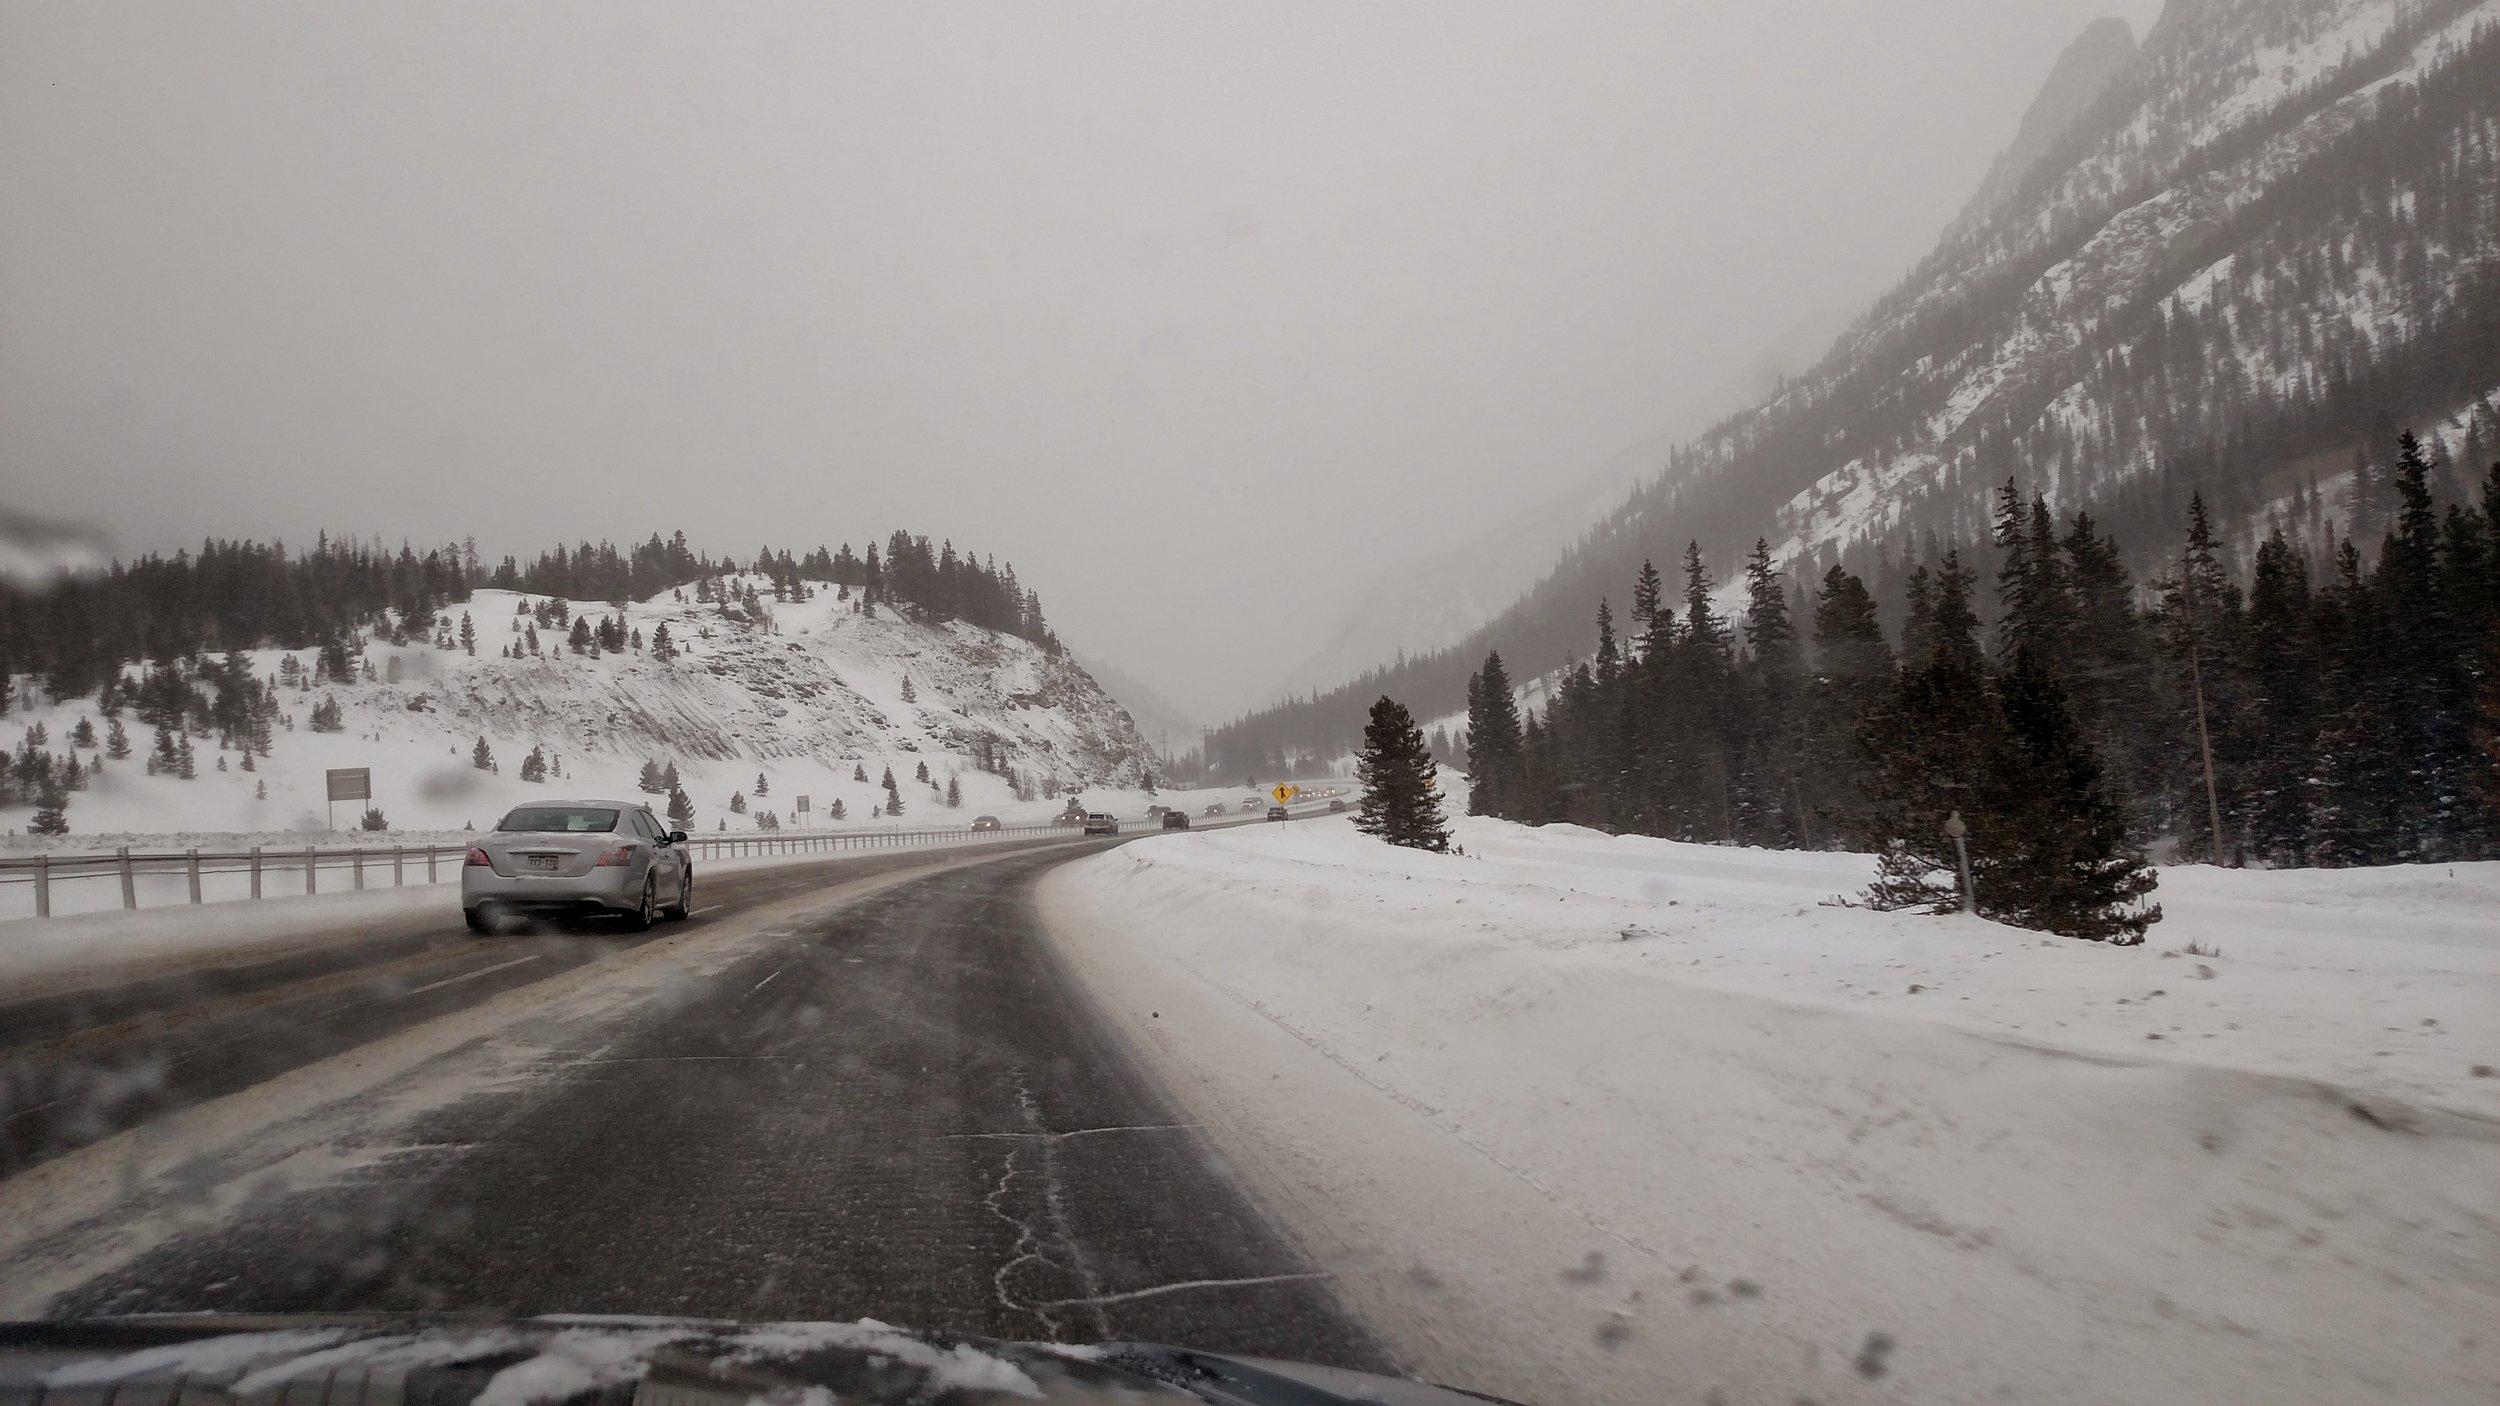 Photo: Highway I-70, Colorado